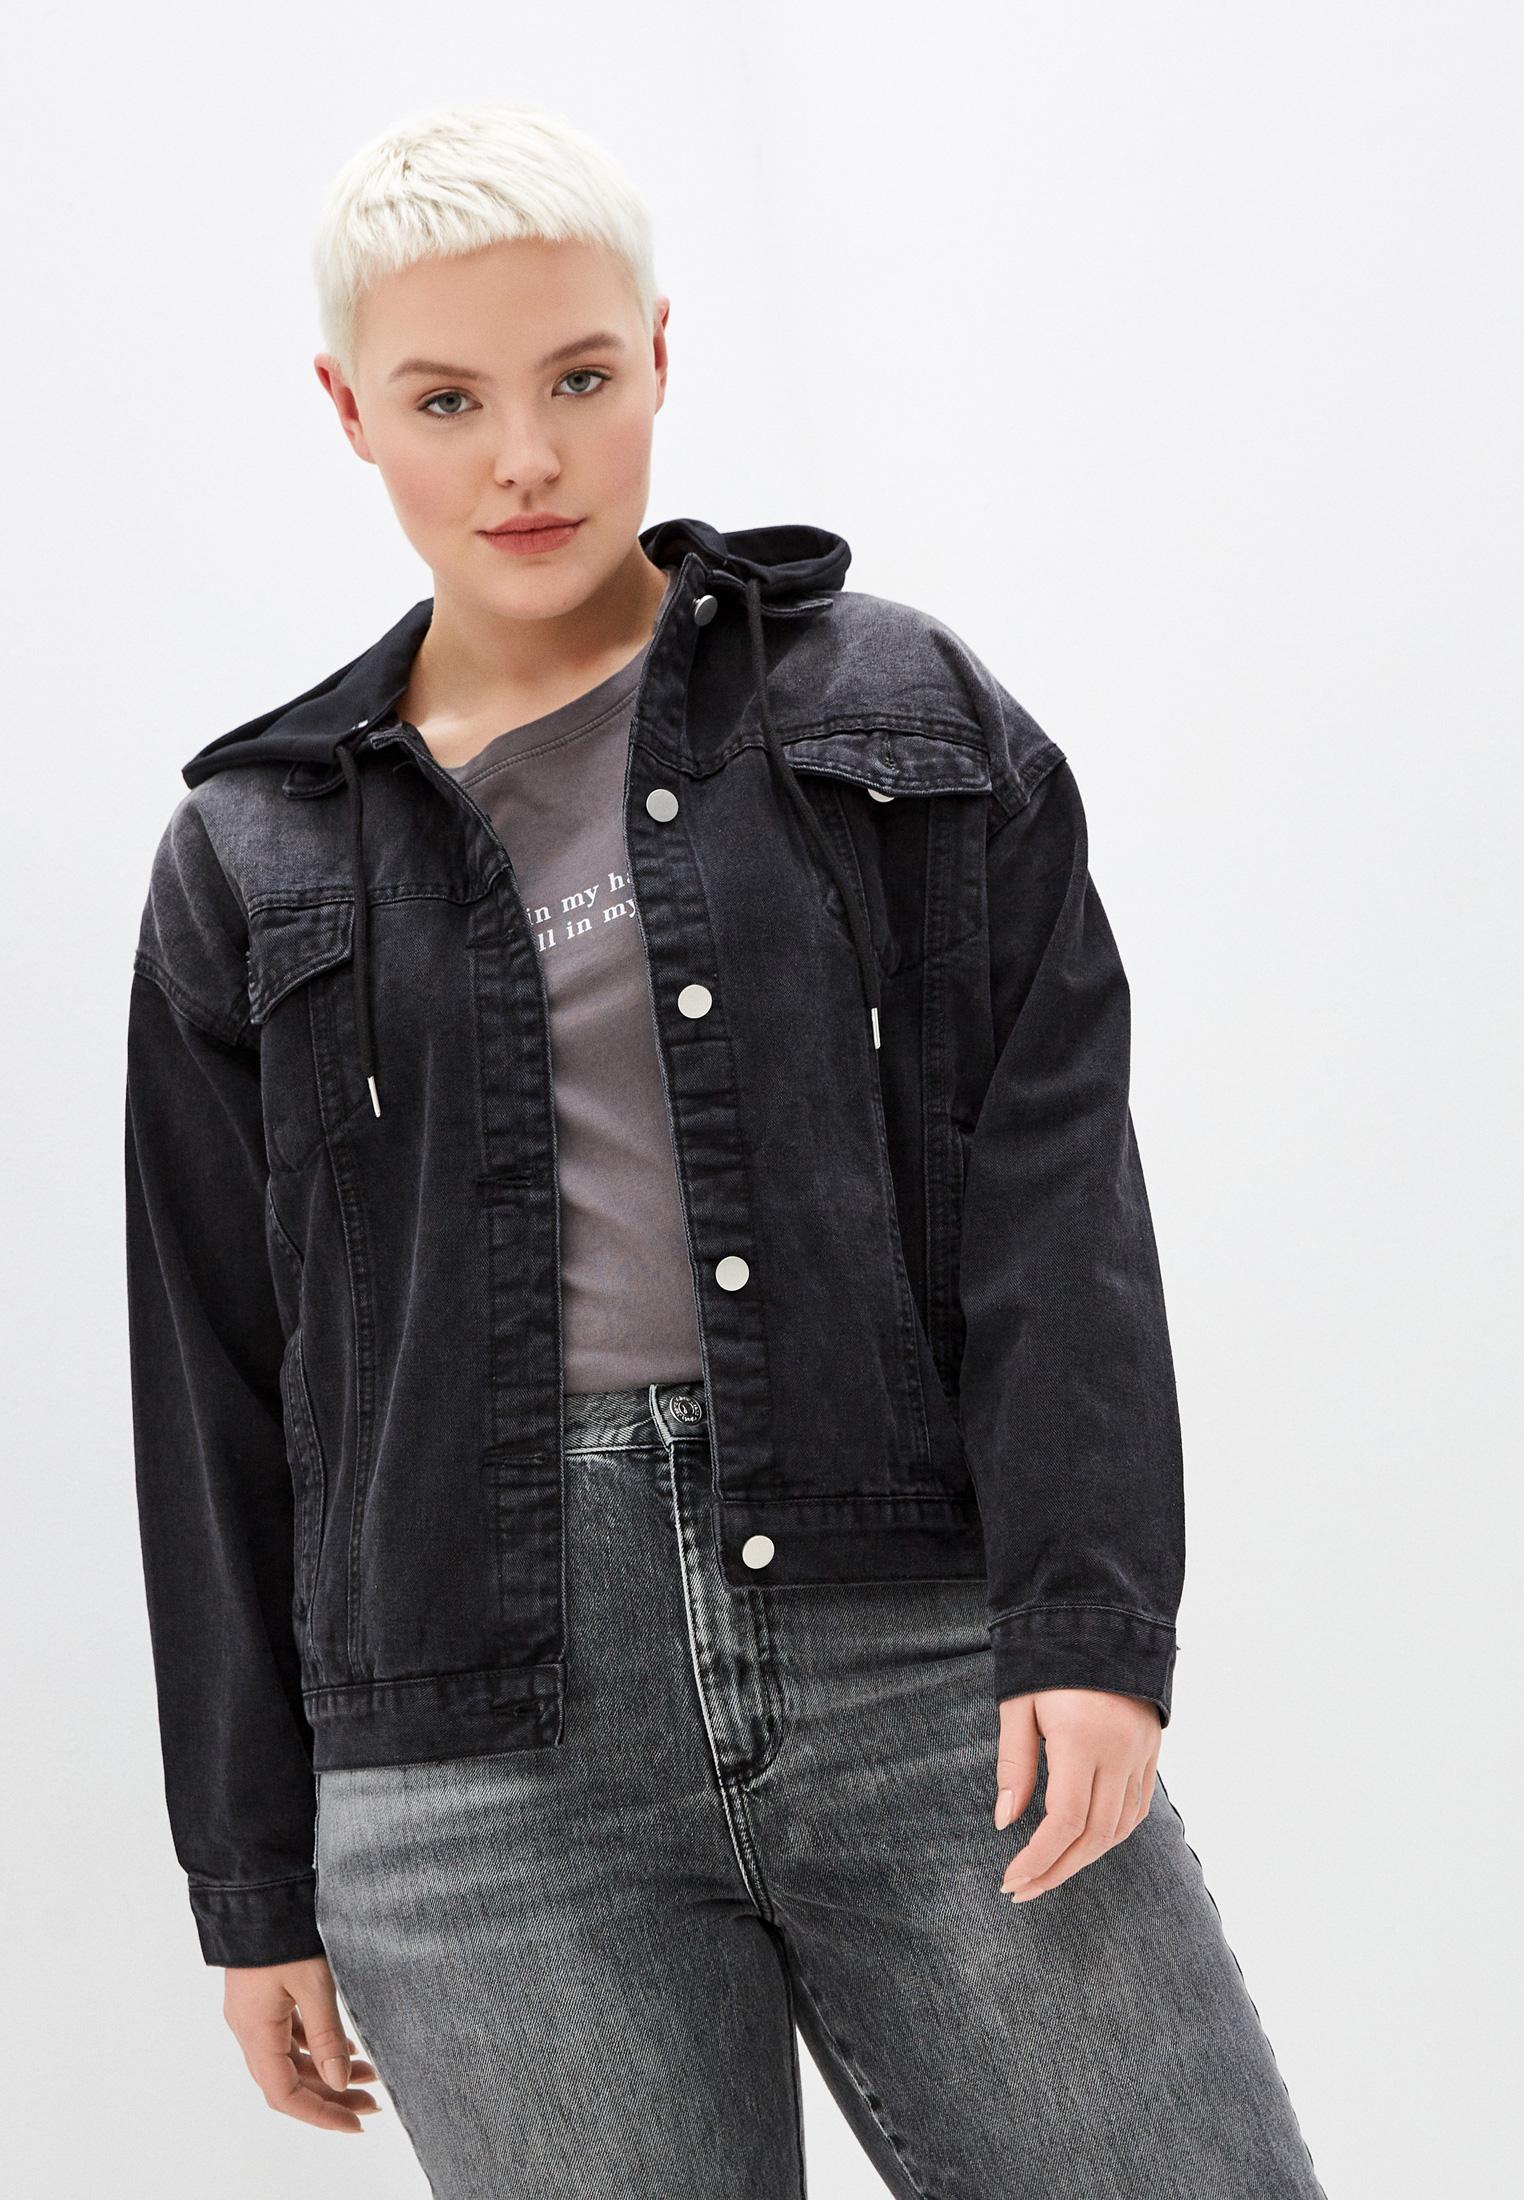 Джинсовая куртка Snow Airwolf Куртка джинсовая Snow Airwolf